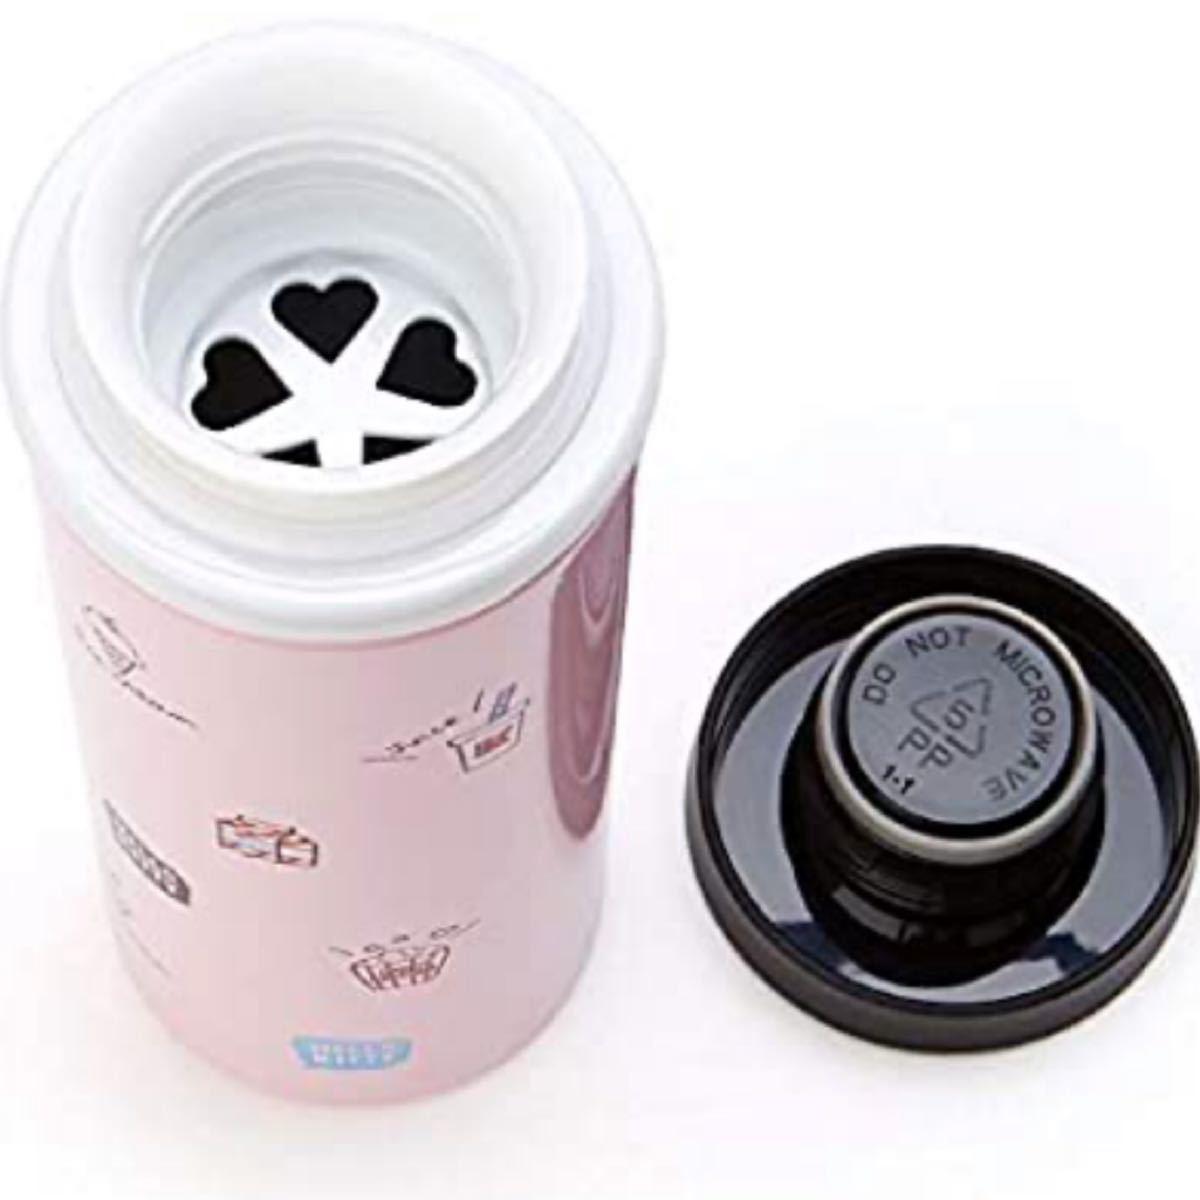 ハローキティ ステンレス マグ 340ml 水筒 ステンレスボトル